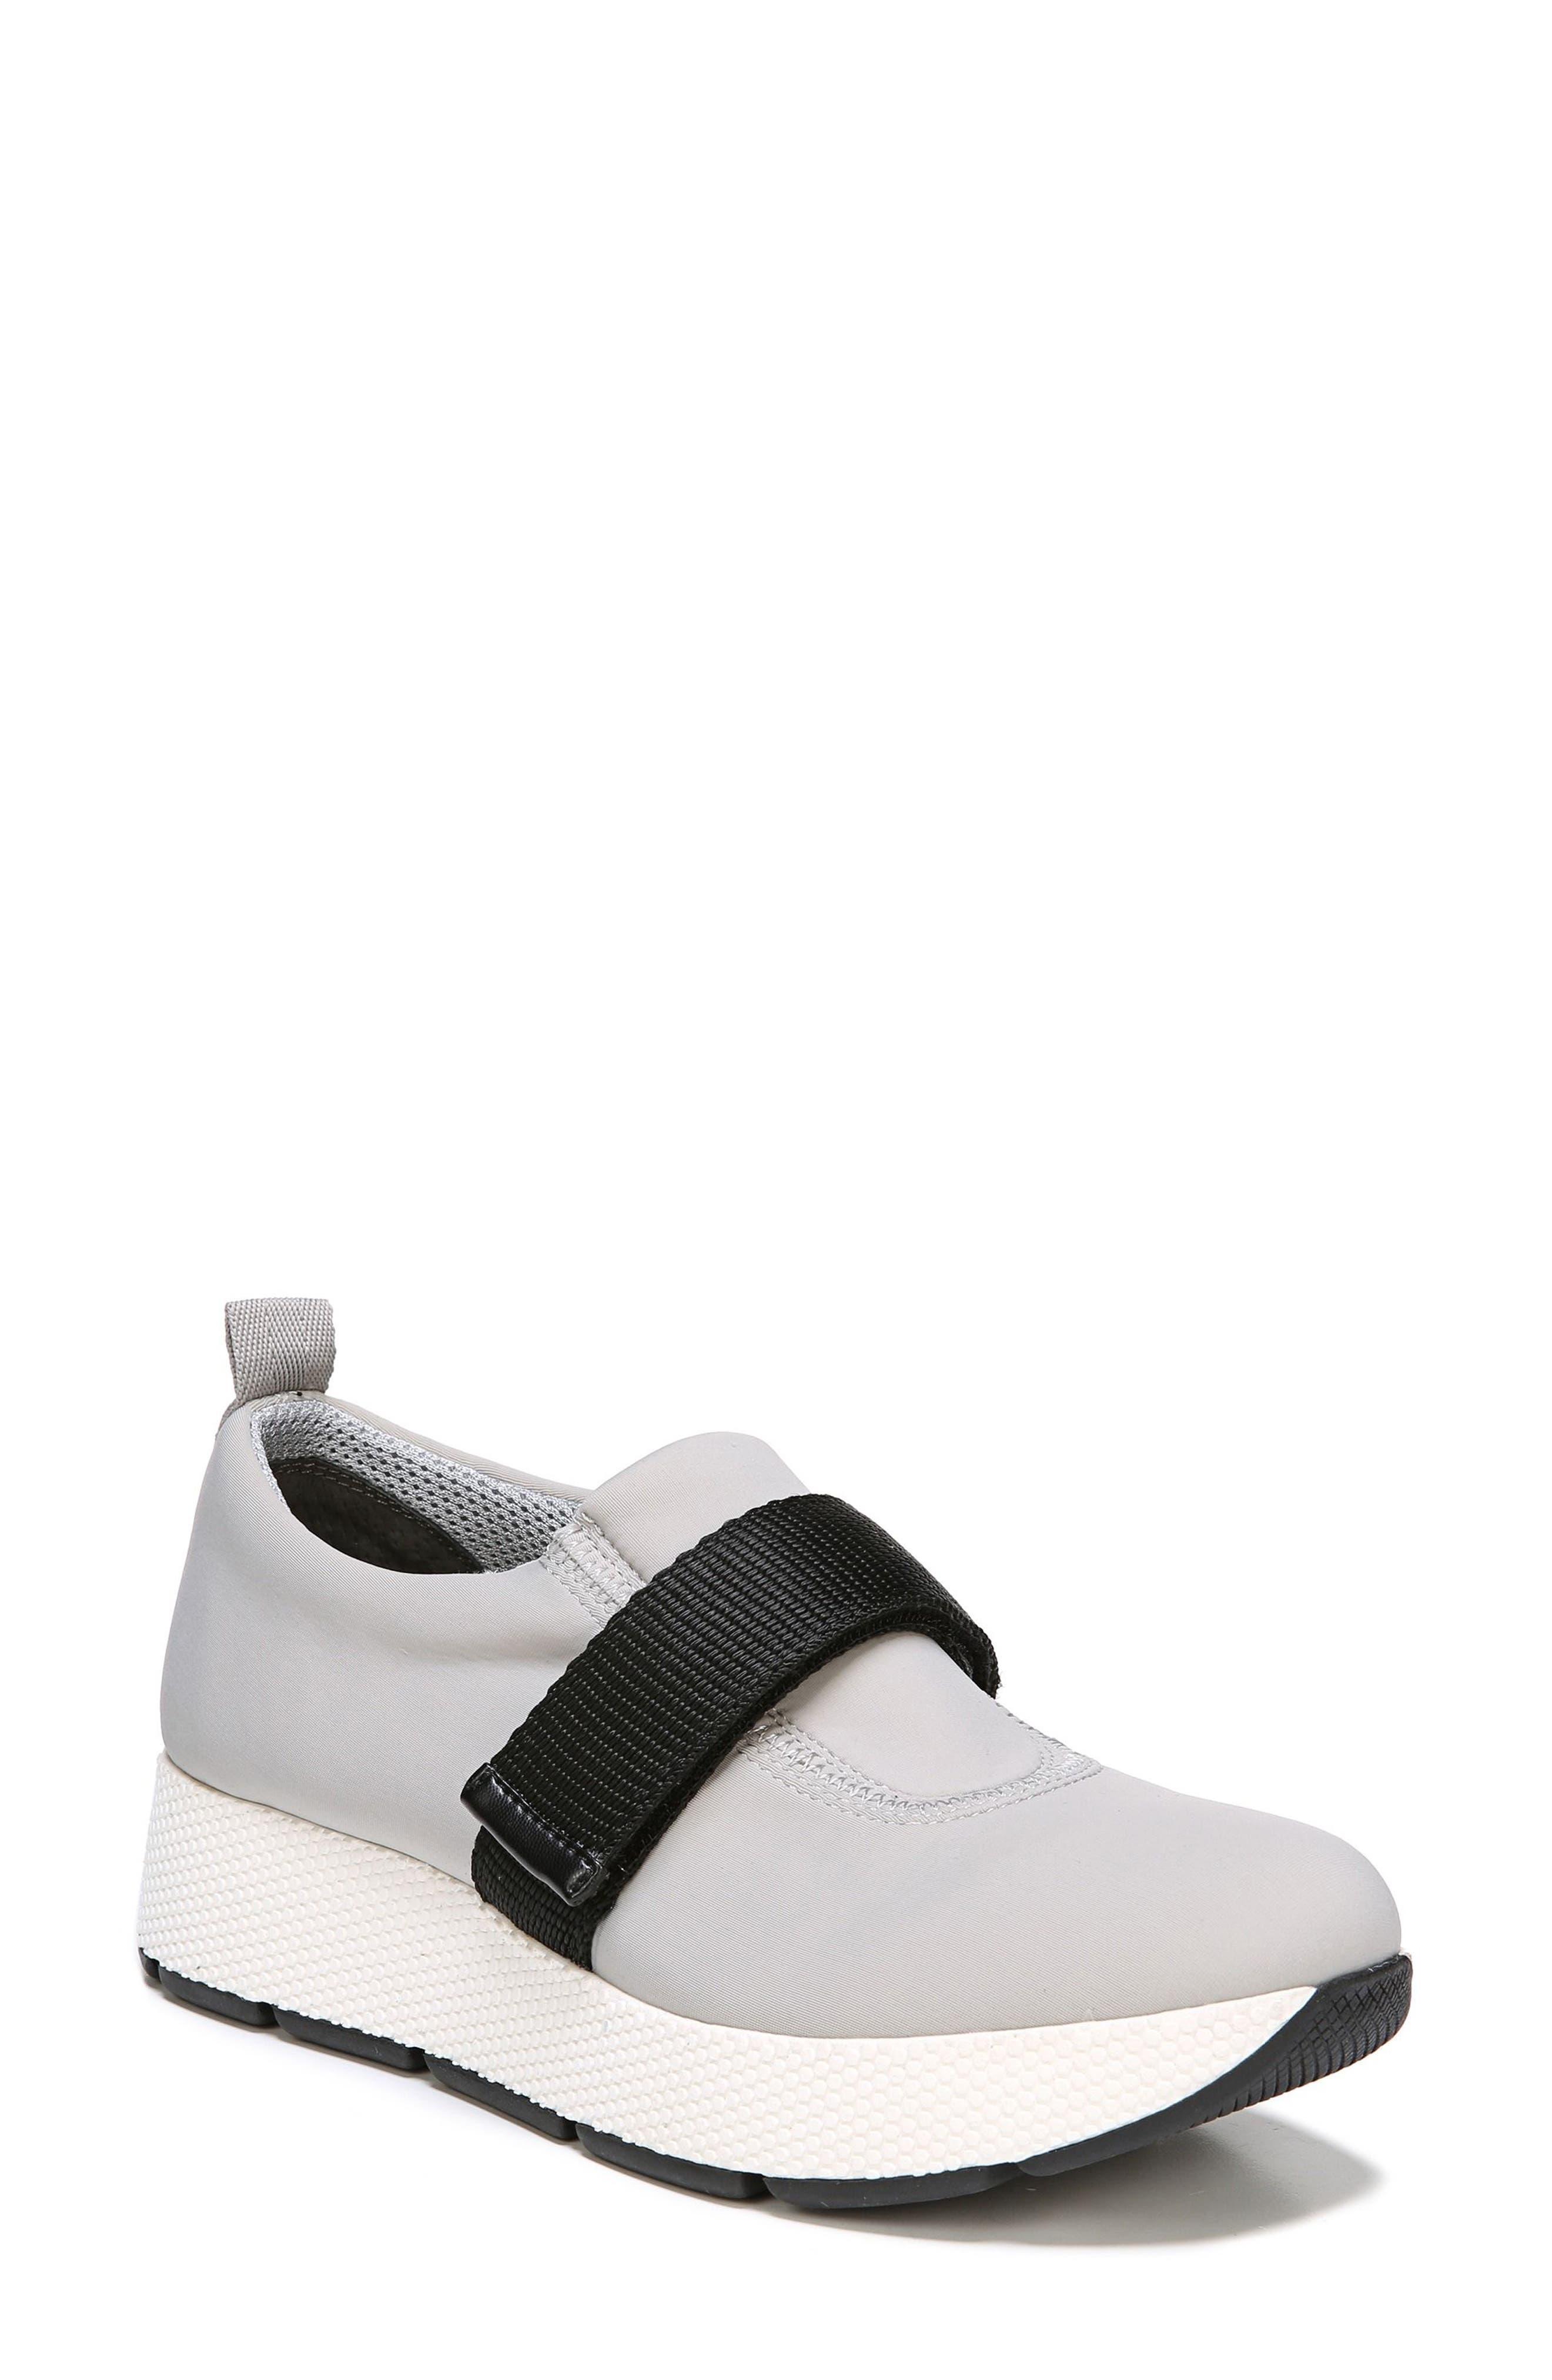 Alternate Image 1 Selected - SARTO by Franco Sarto Odella Slip-On Sneaker (Women)